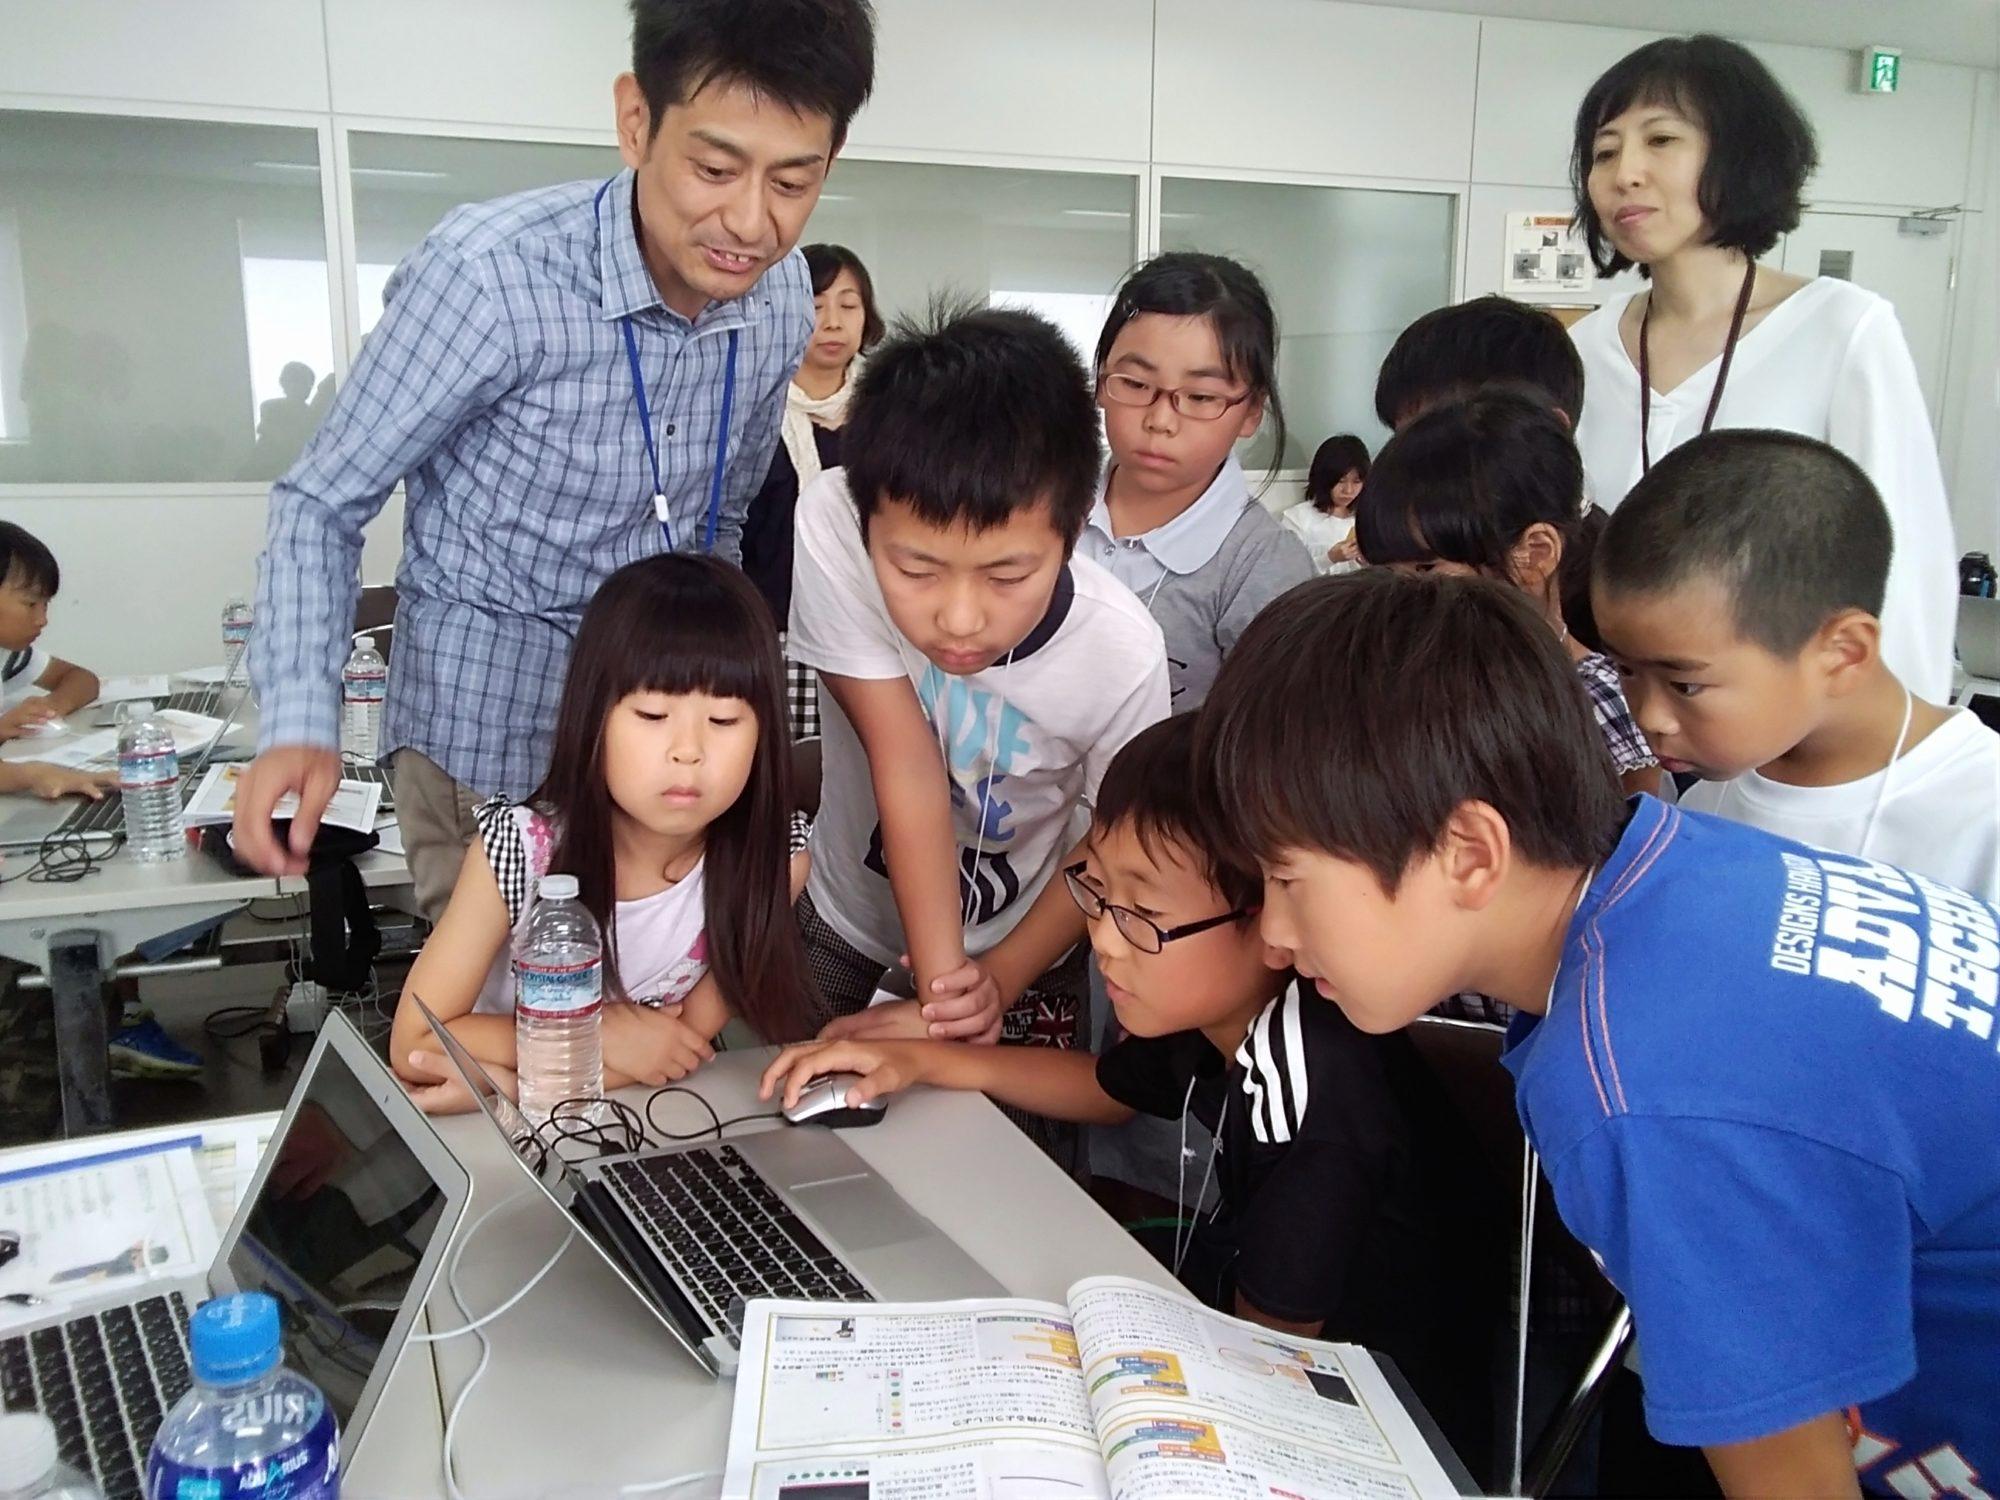 小中学生プログラミング・デジタルサマーキャンプ